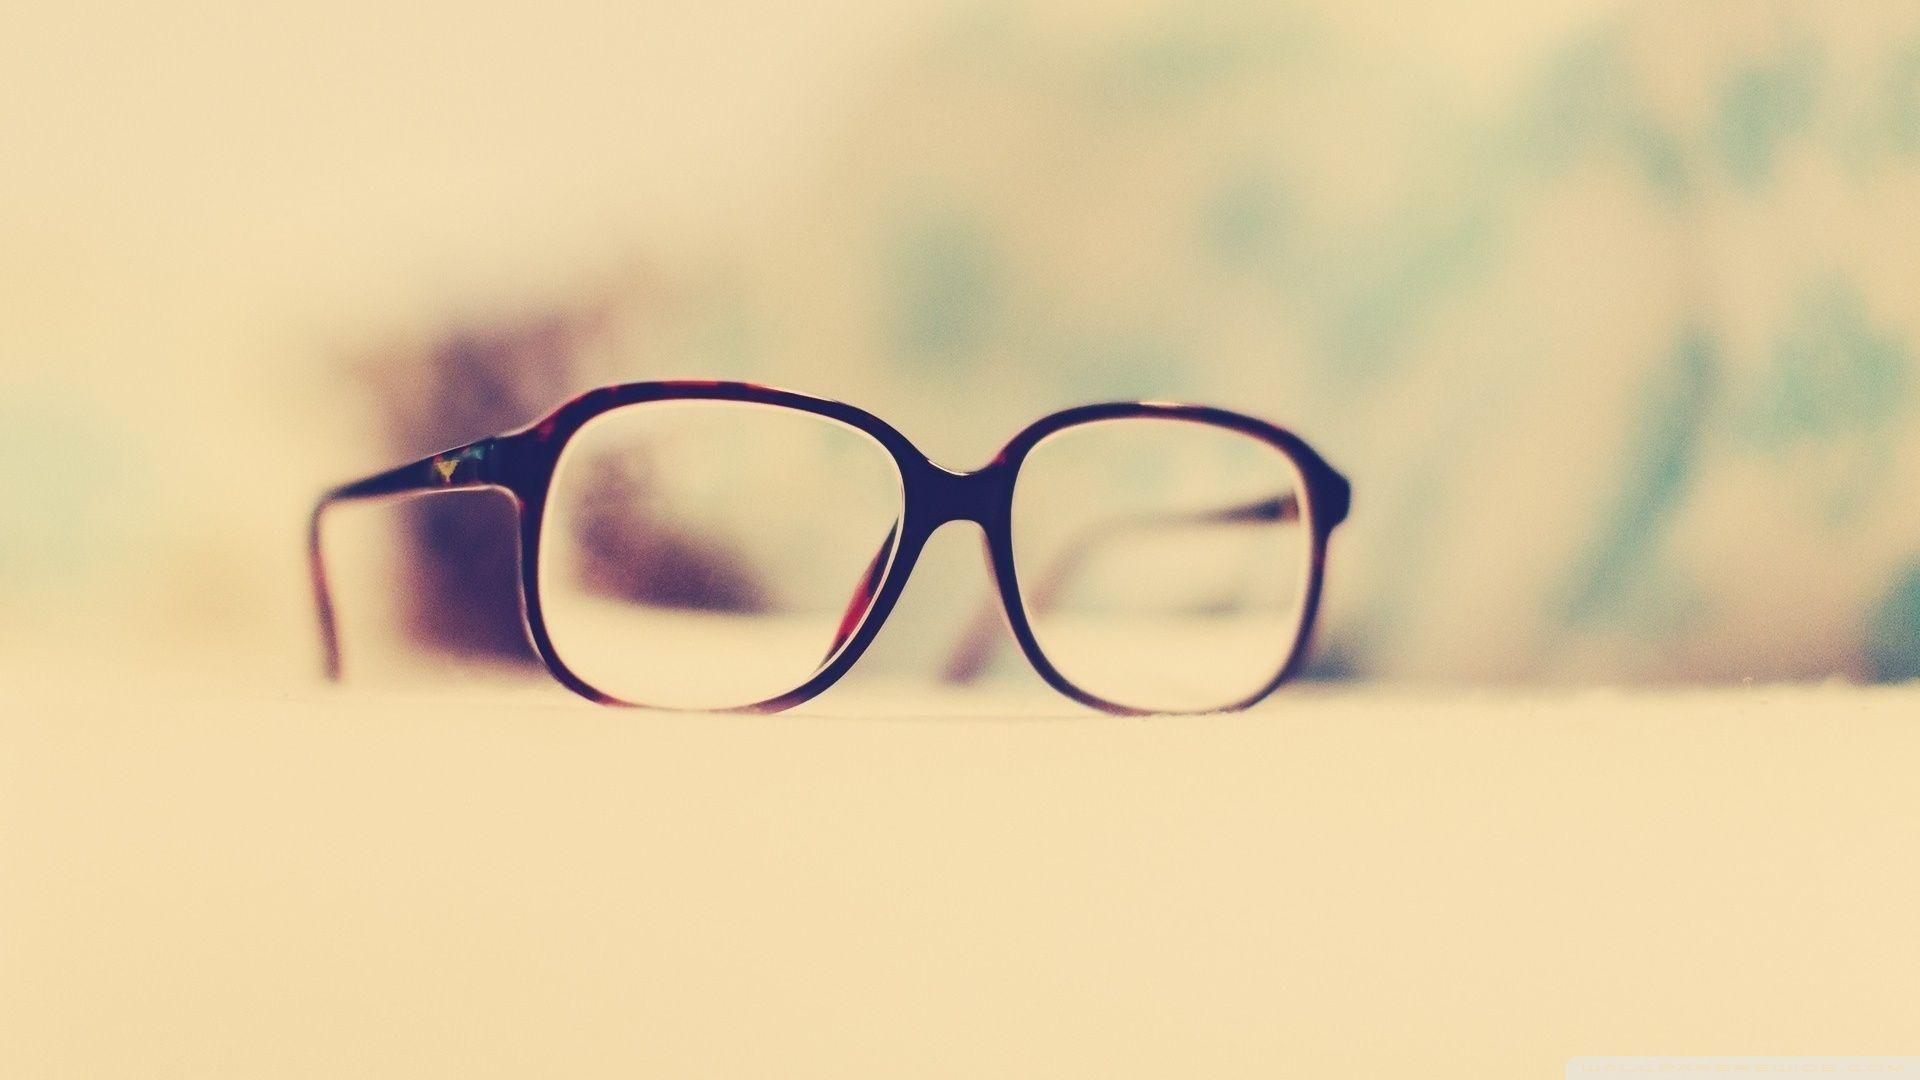 hipster glasses 00449533